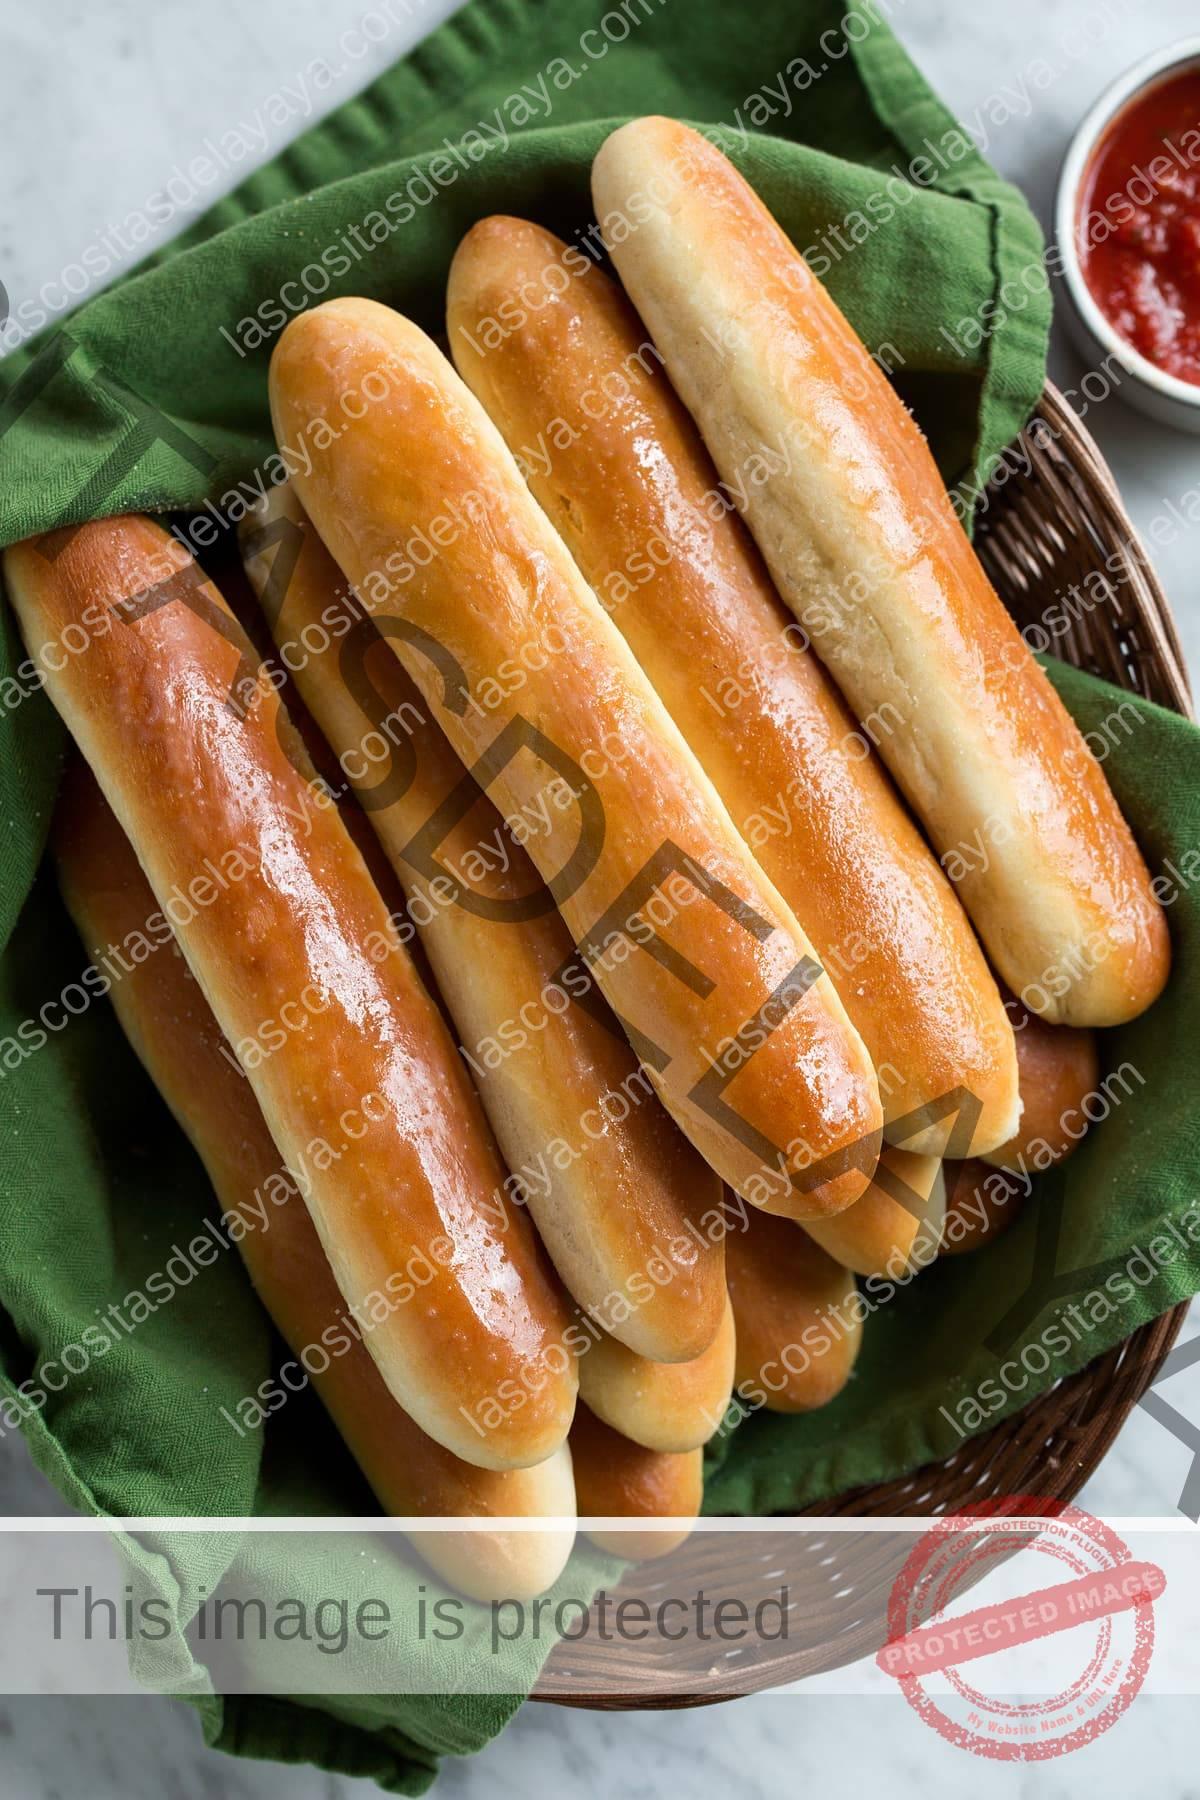 Imagen aérea de pila de palitos de pan en la canasta.